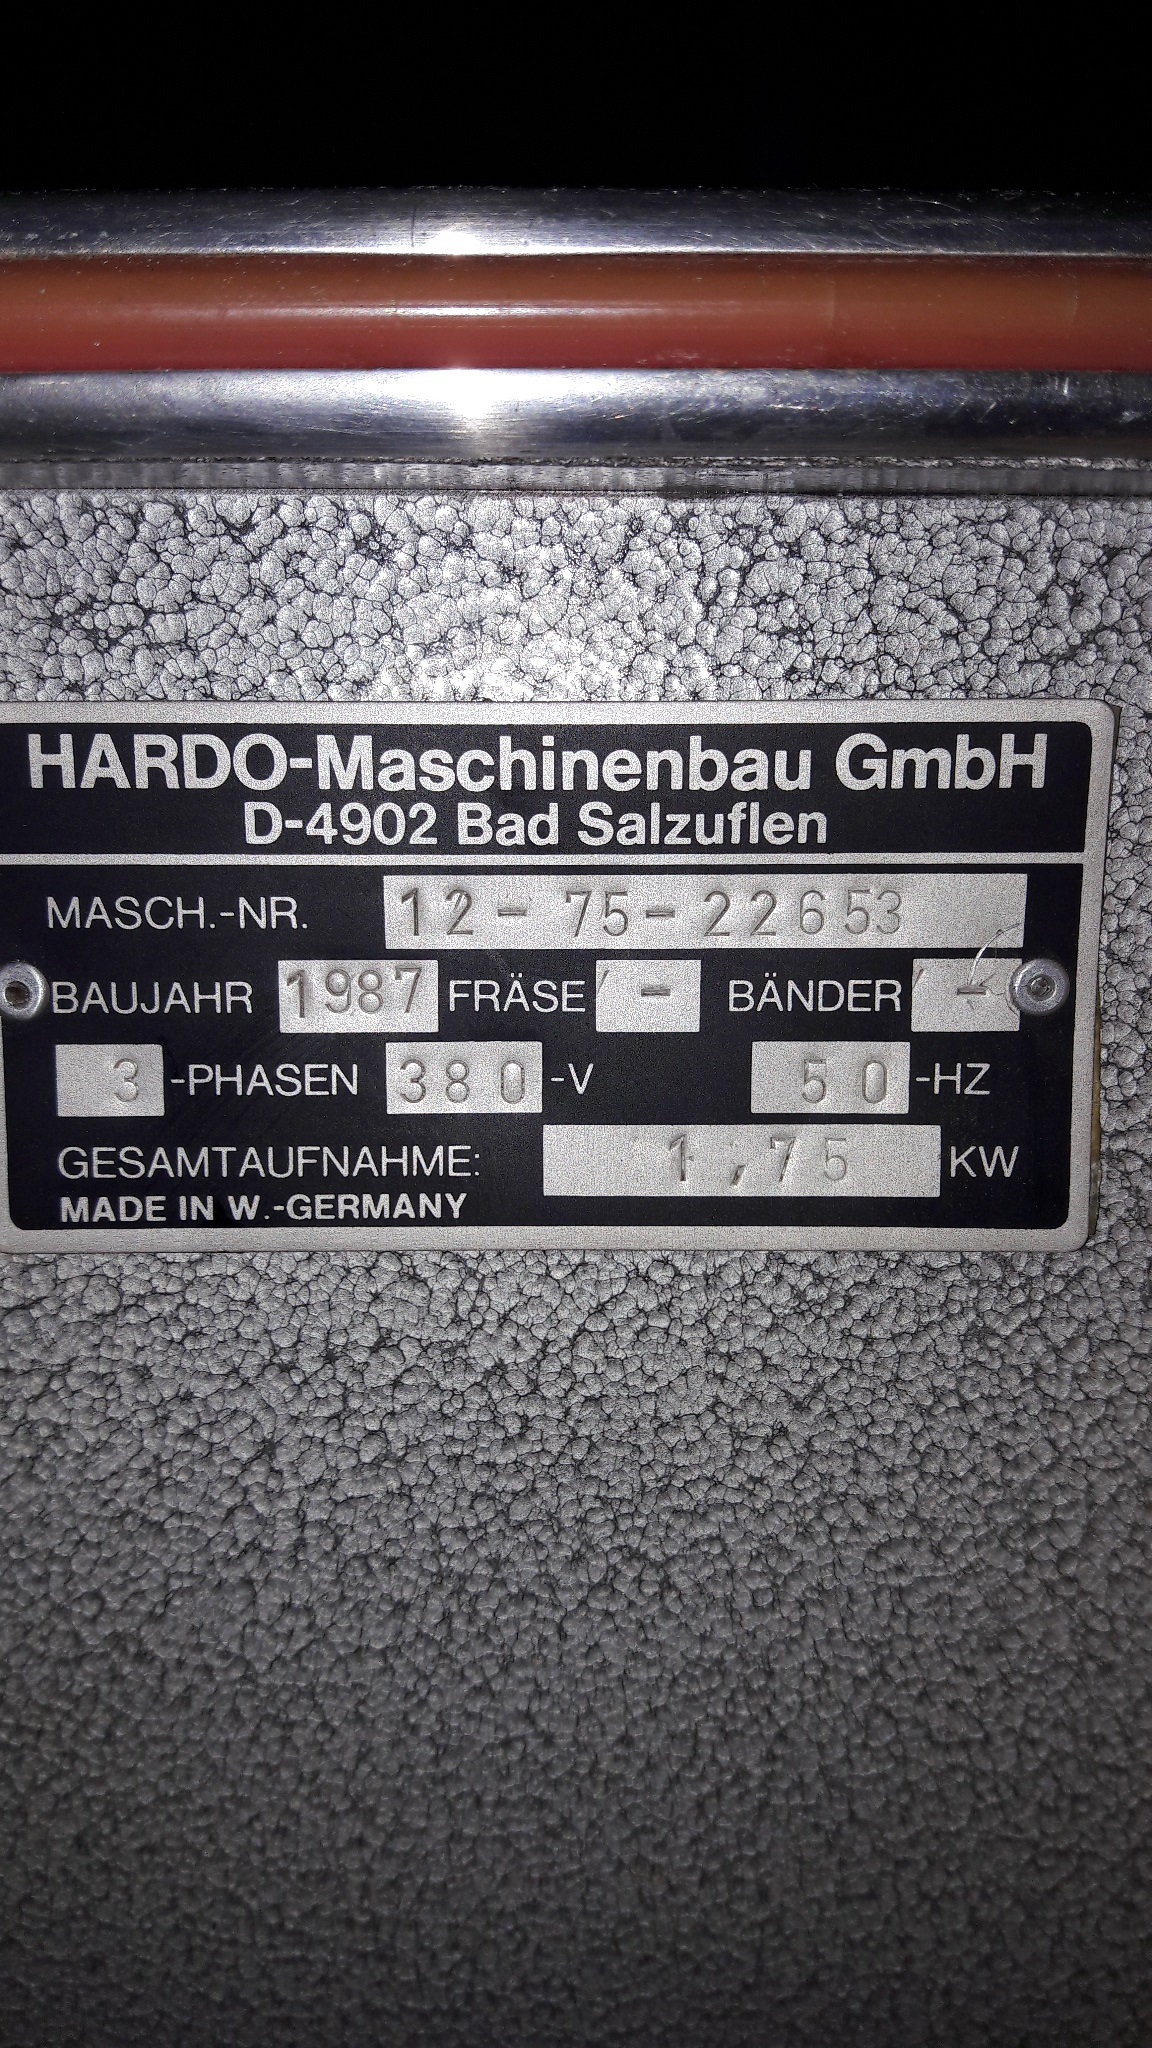 Sieck: HARDO Type 12-75 polishing unit year of manufacture 1987